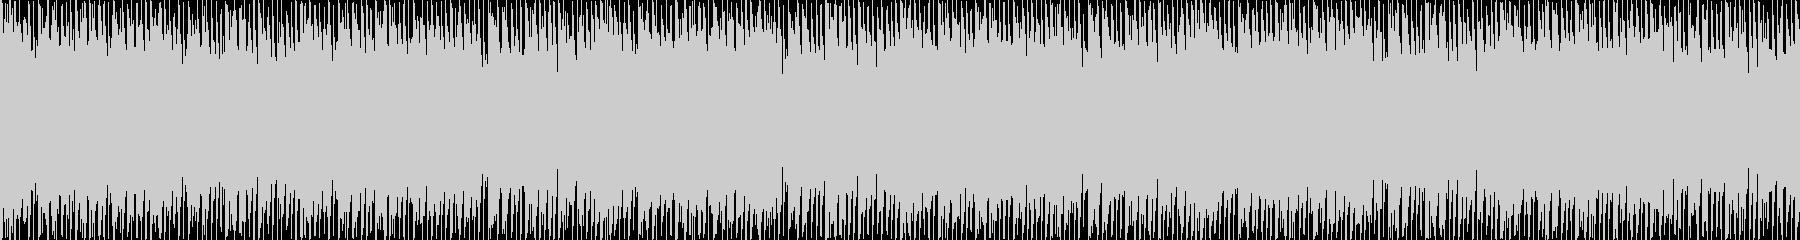 リズミックなポップBGM(ループ)の未再生の波形